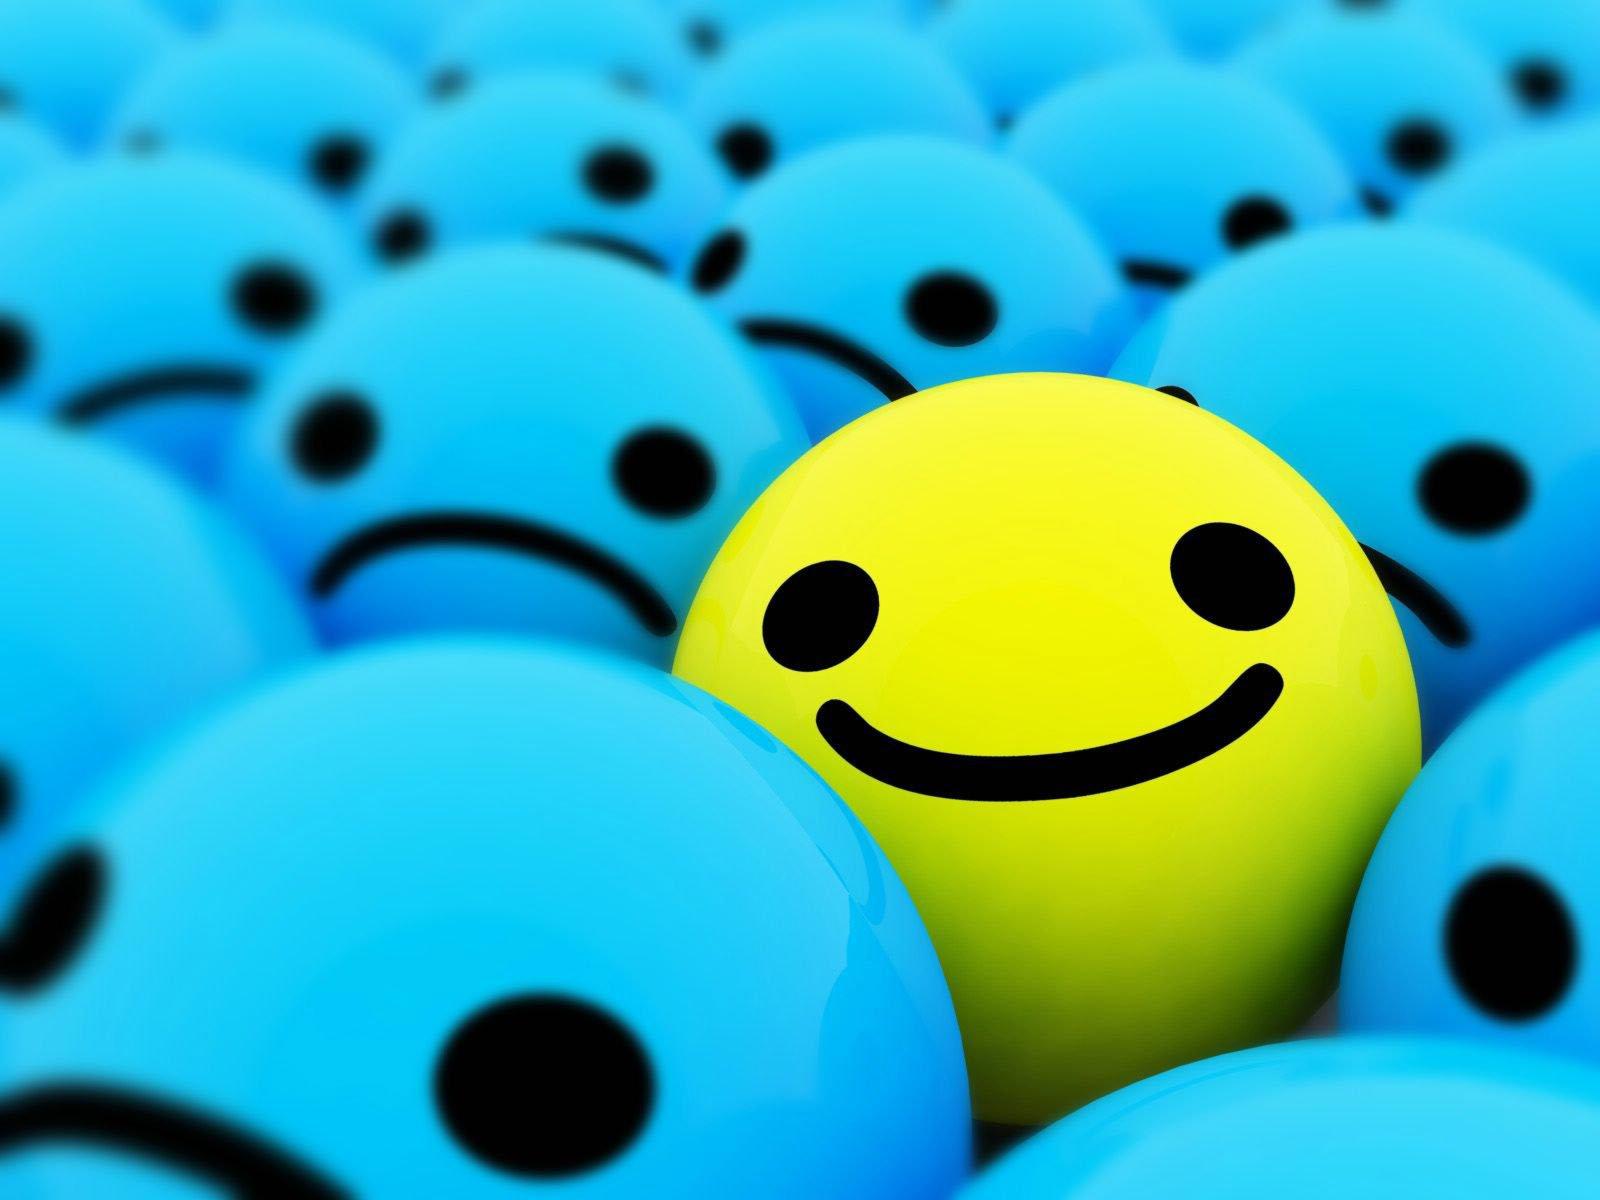 Smiley optimisme